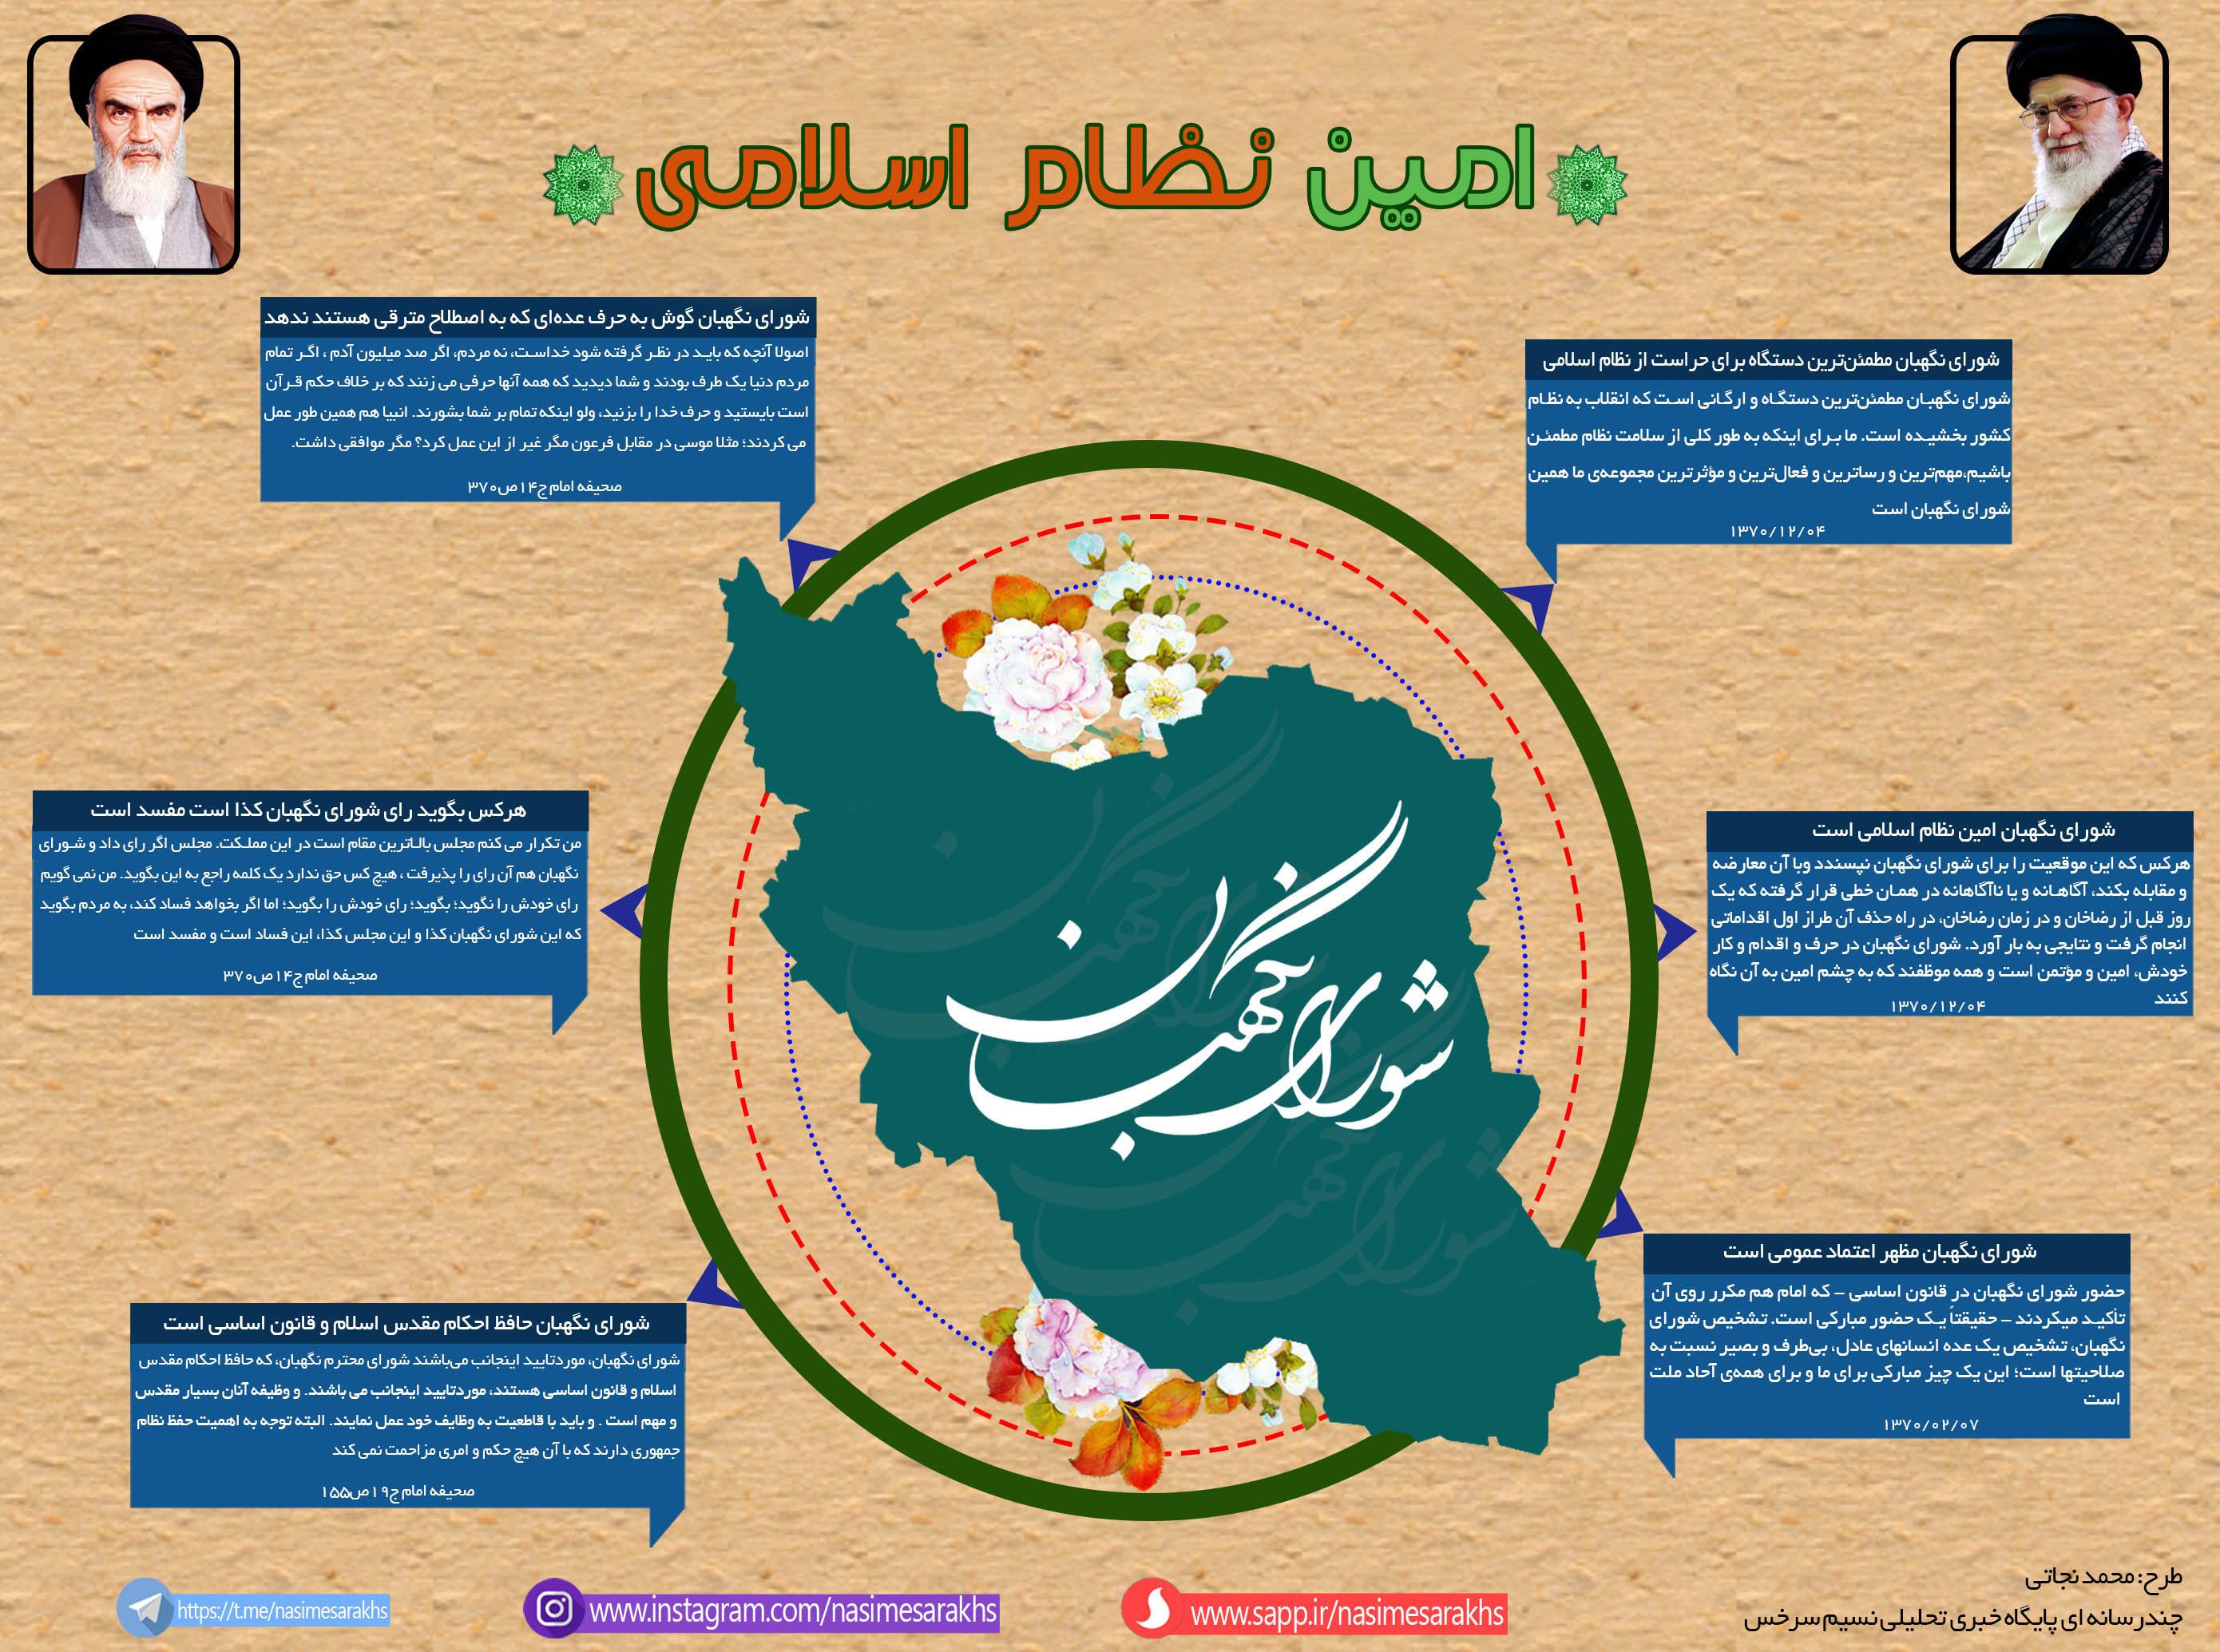 اینفوگرافی/ امین نظام اسلامی